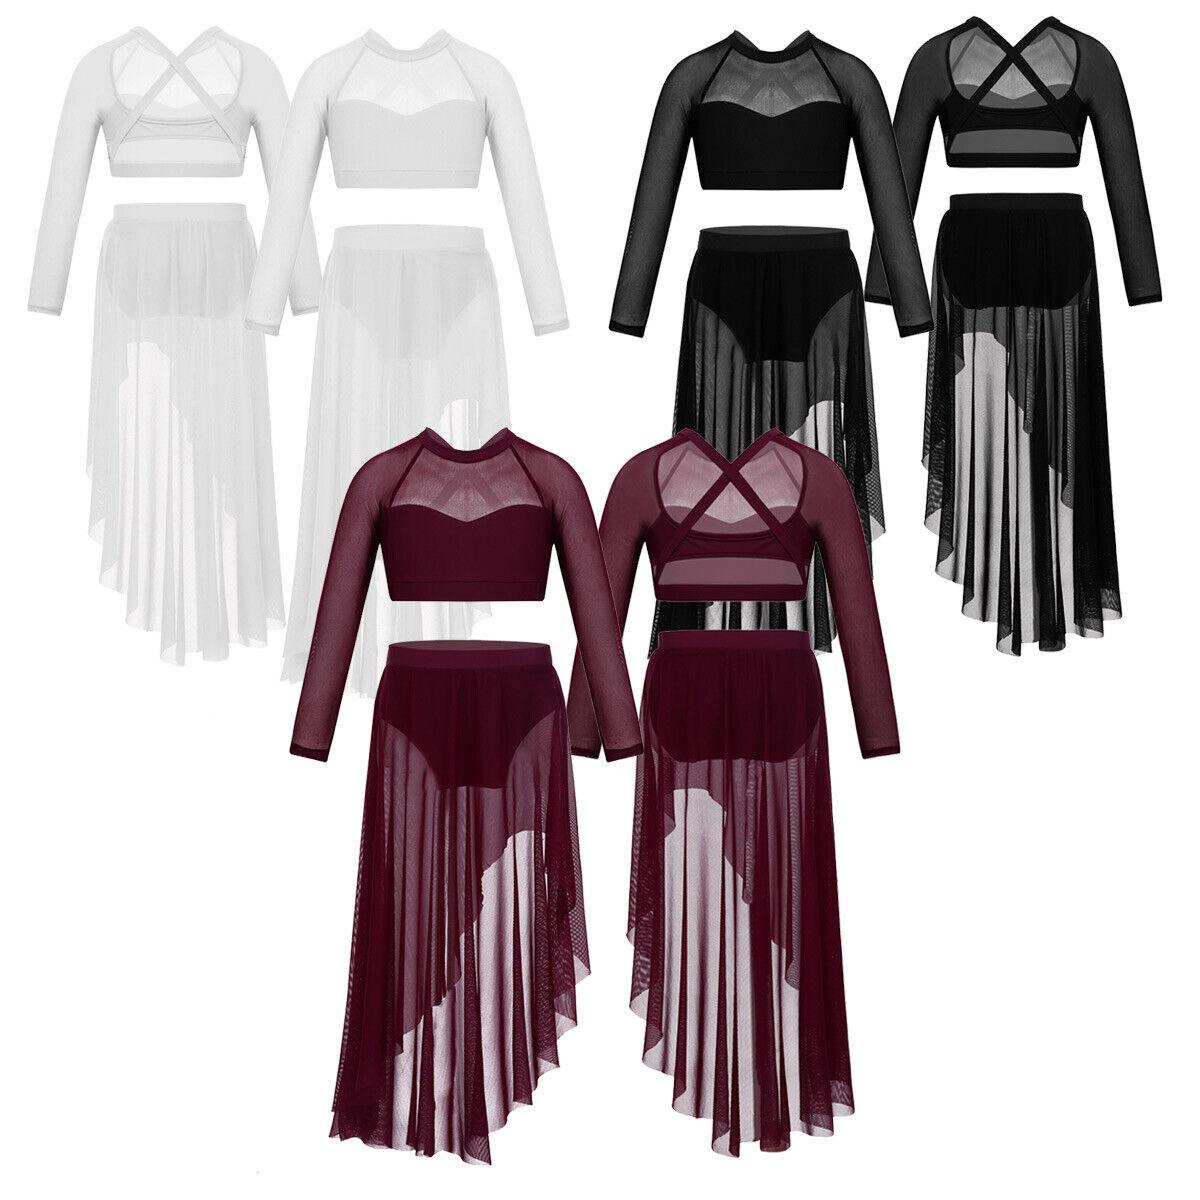 Girls Ballet Praise Lyrical Dance Dress Crop Top Skirt Outfit 2PCS Kids Costume